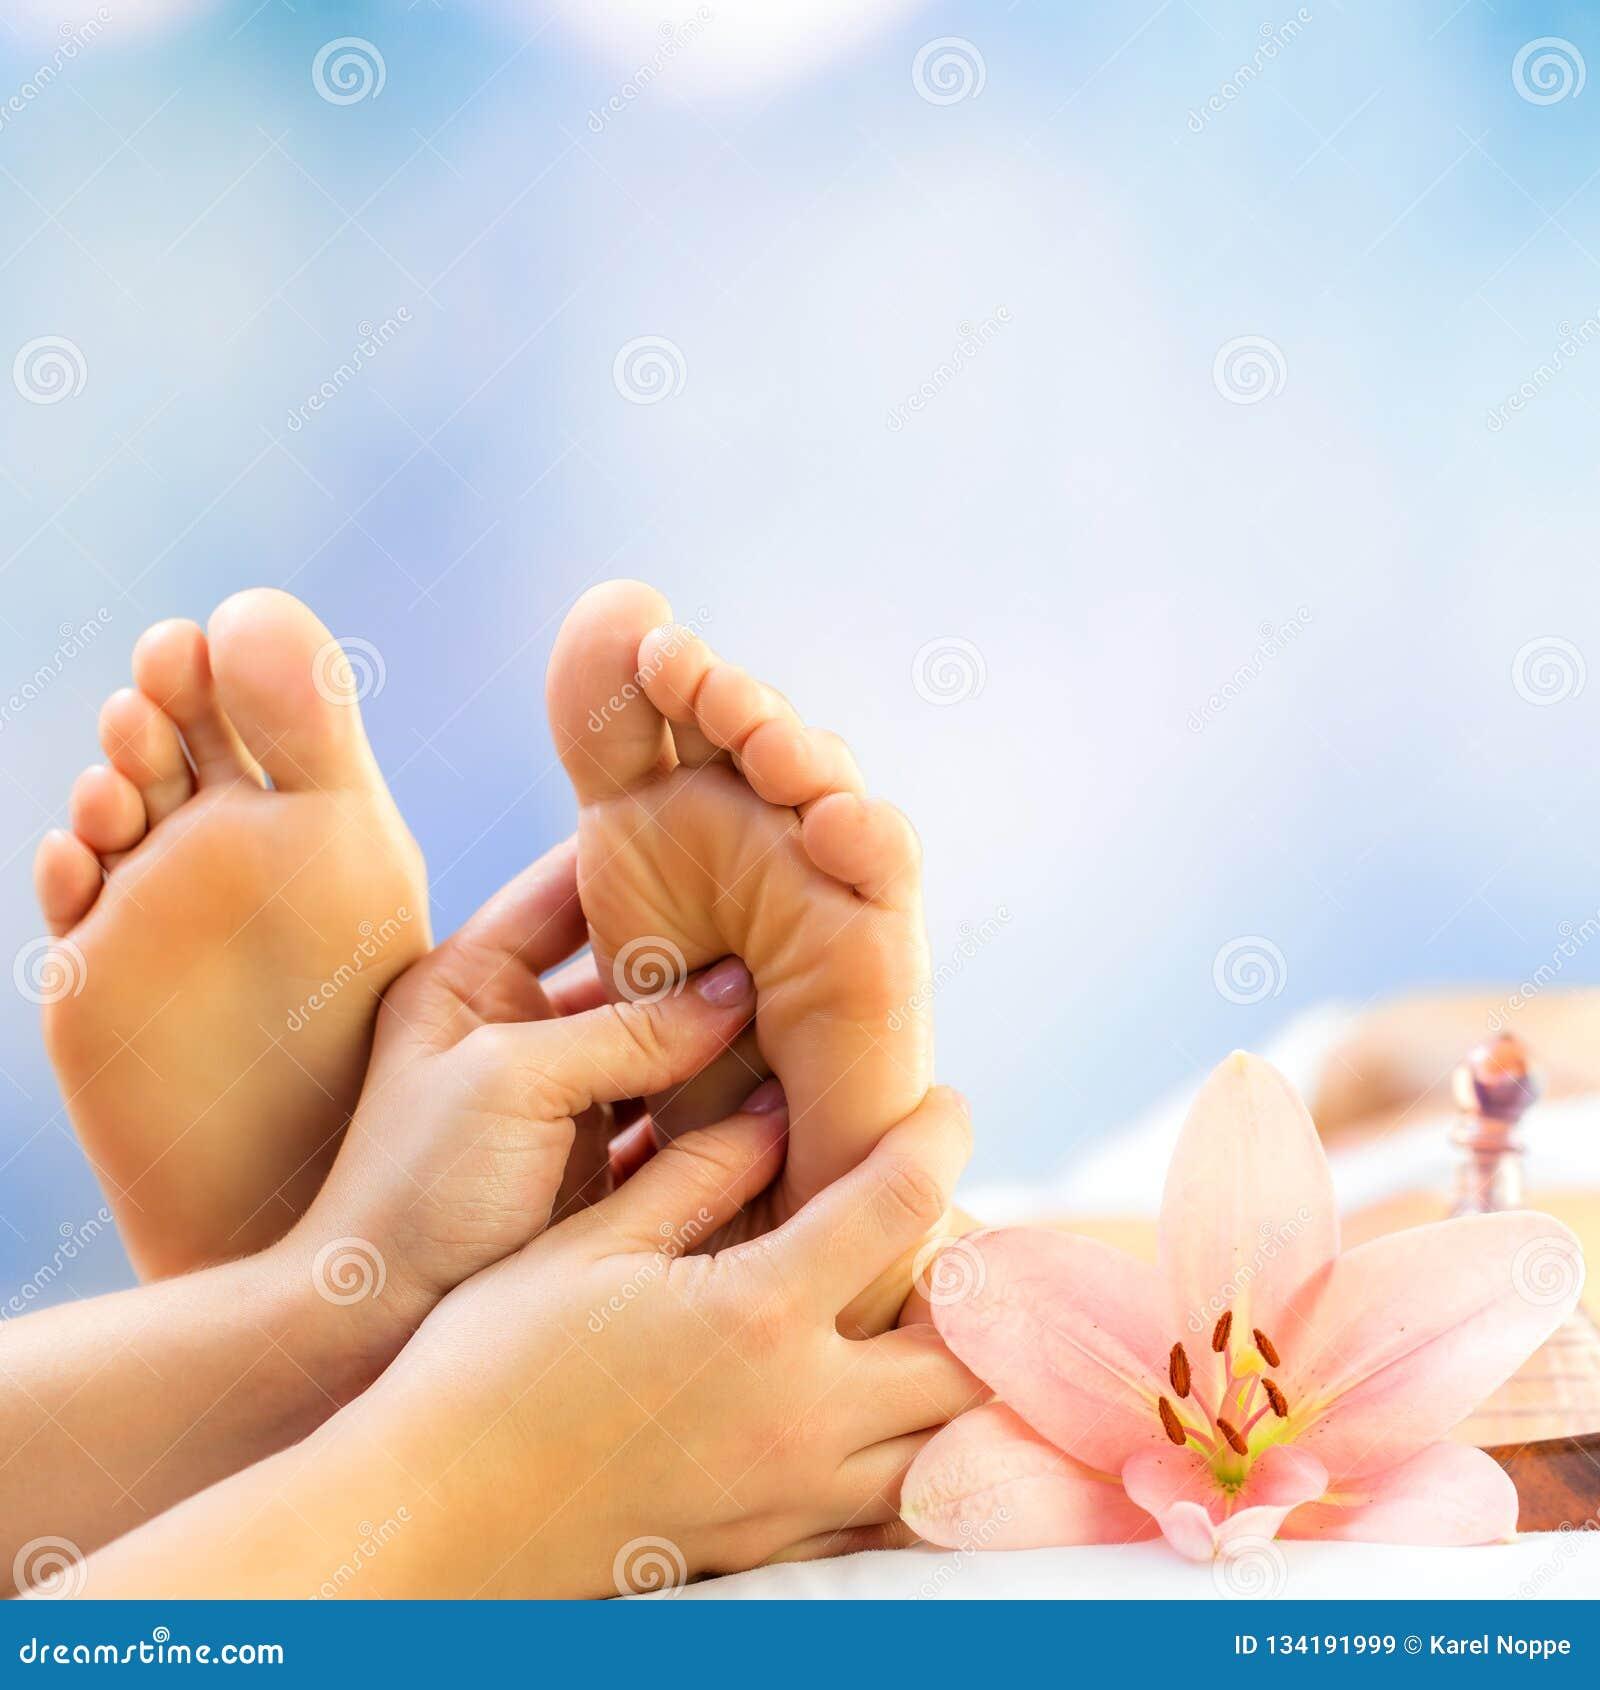 Chiuda su delle mani che fanno il trattamento di reflessologia sui piedi in stazione termale